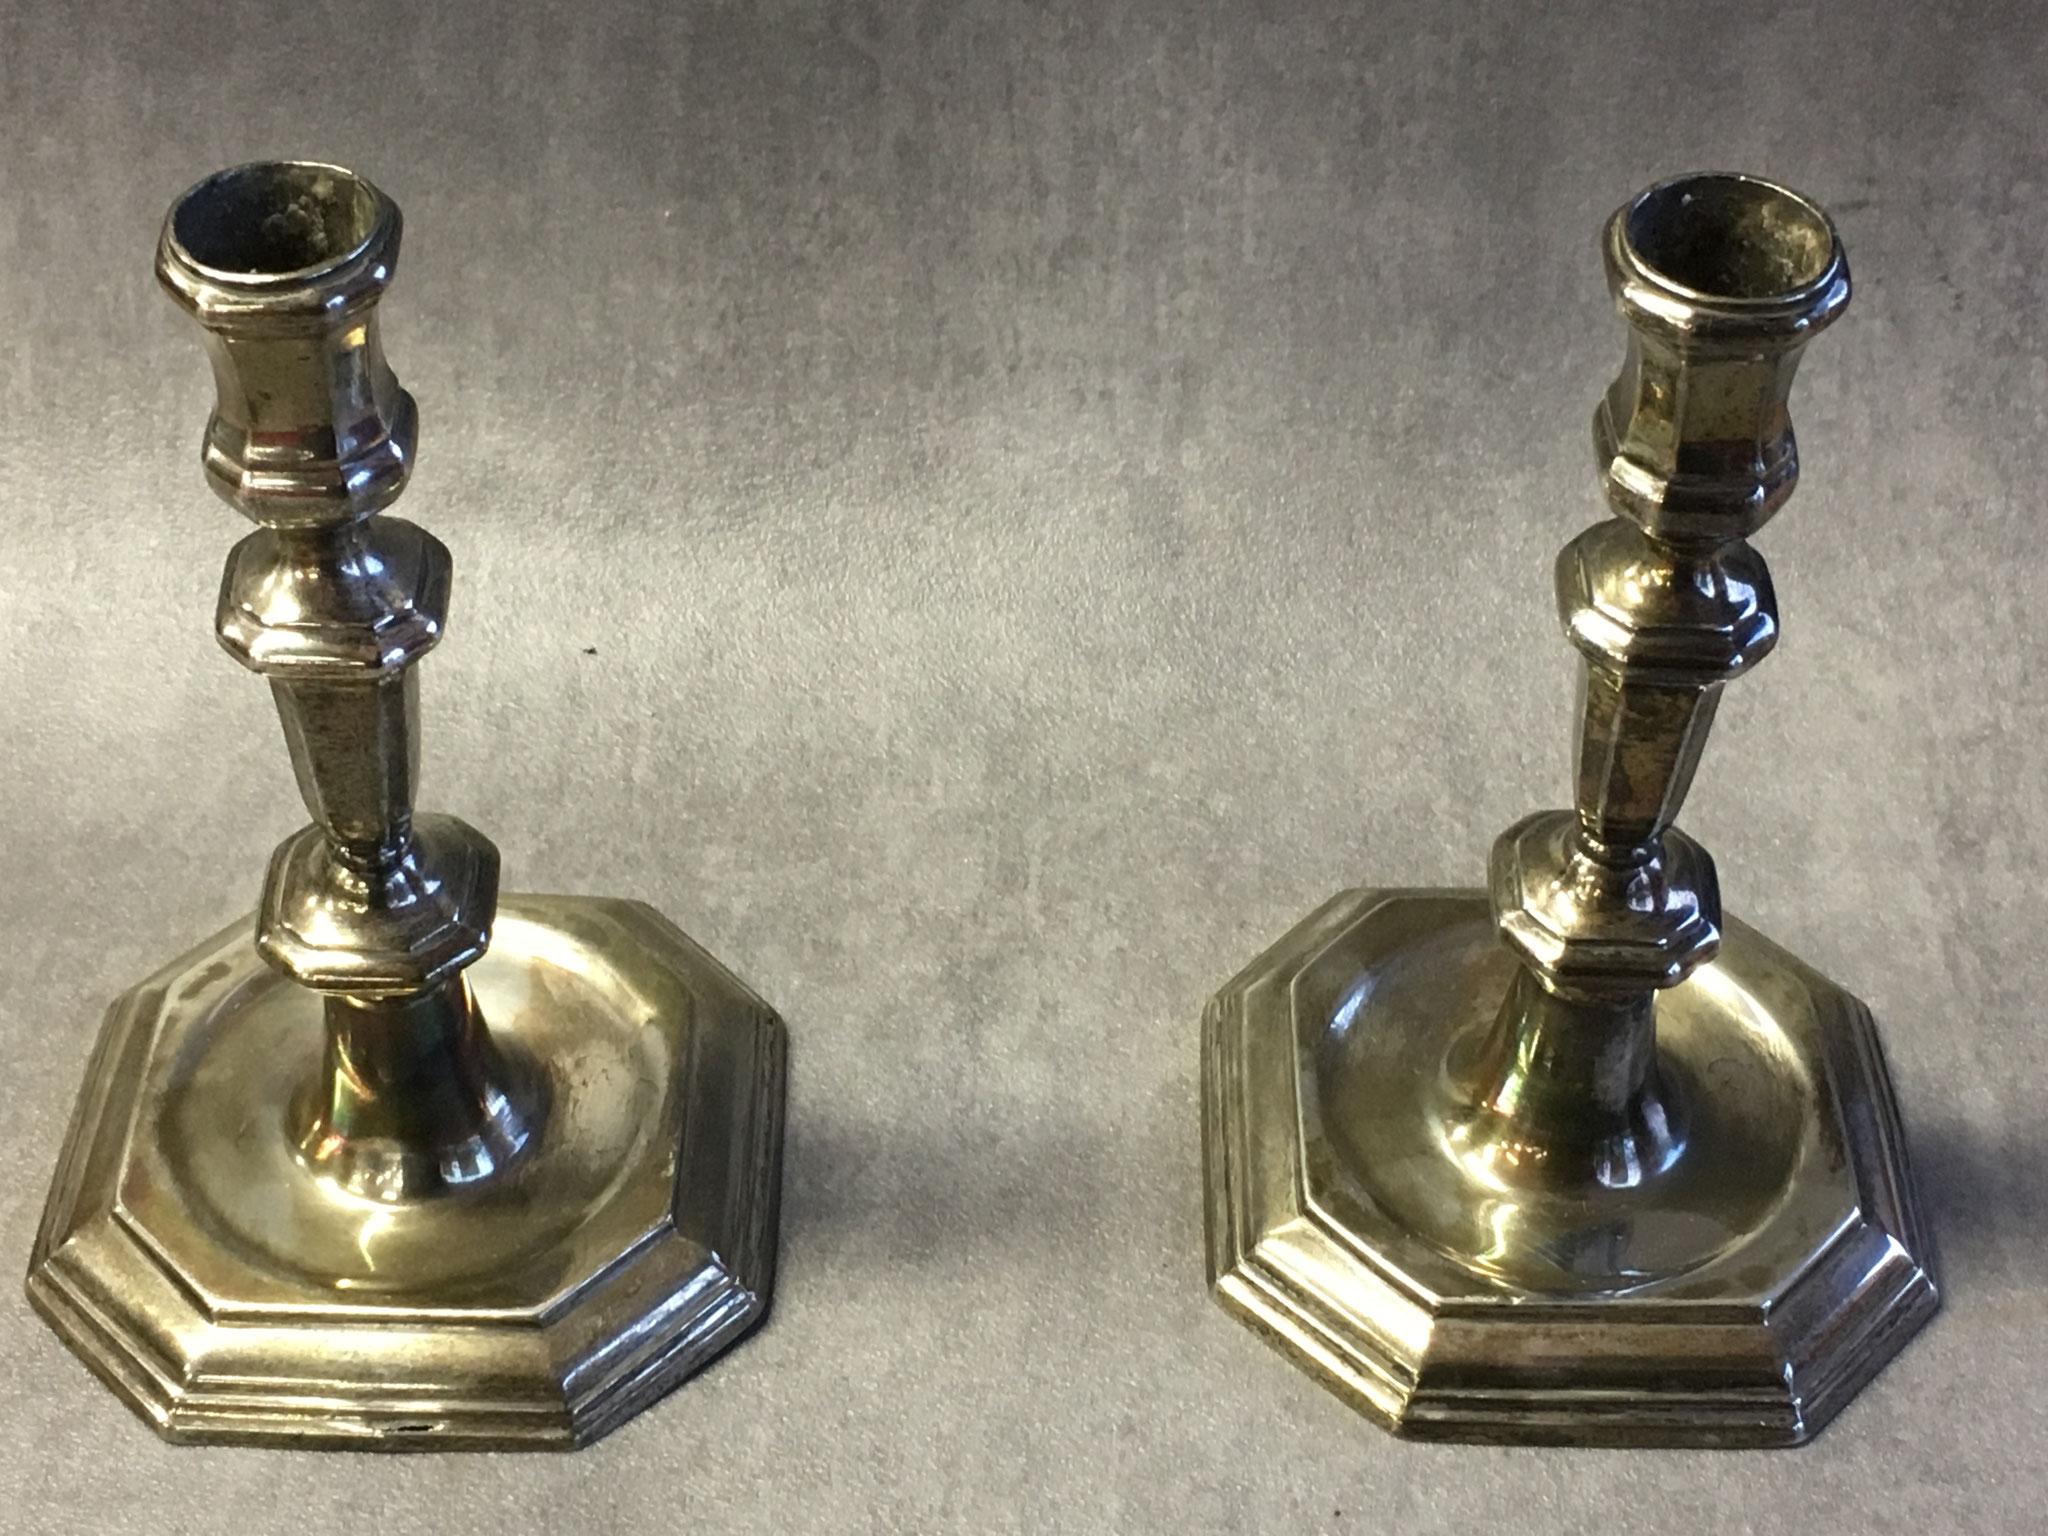 Deux bougeoirs de Nicolas de Poilly, graveur et orfèvre abbevillois du XVIIIe